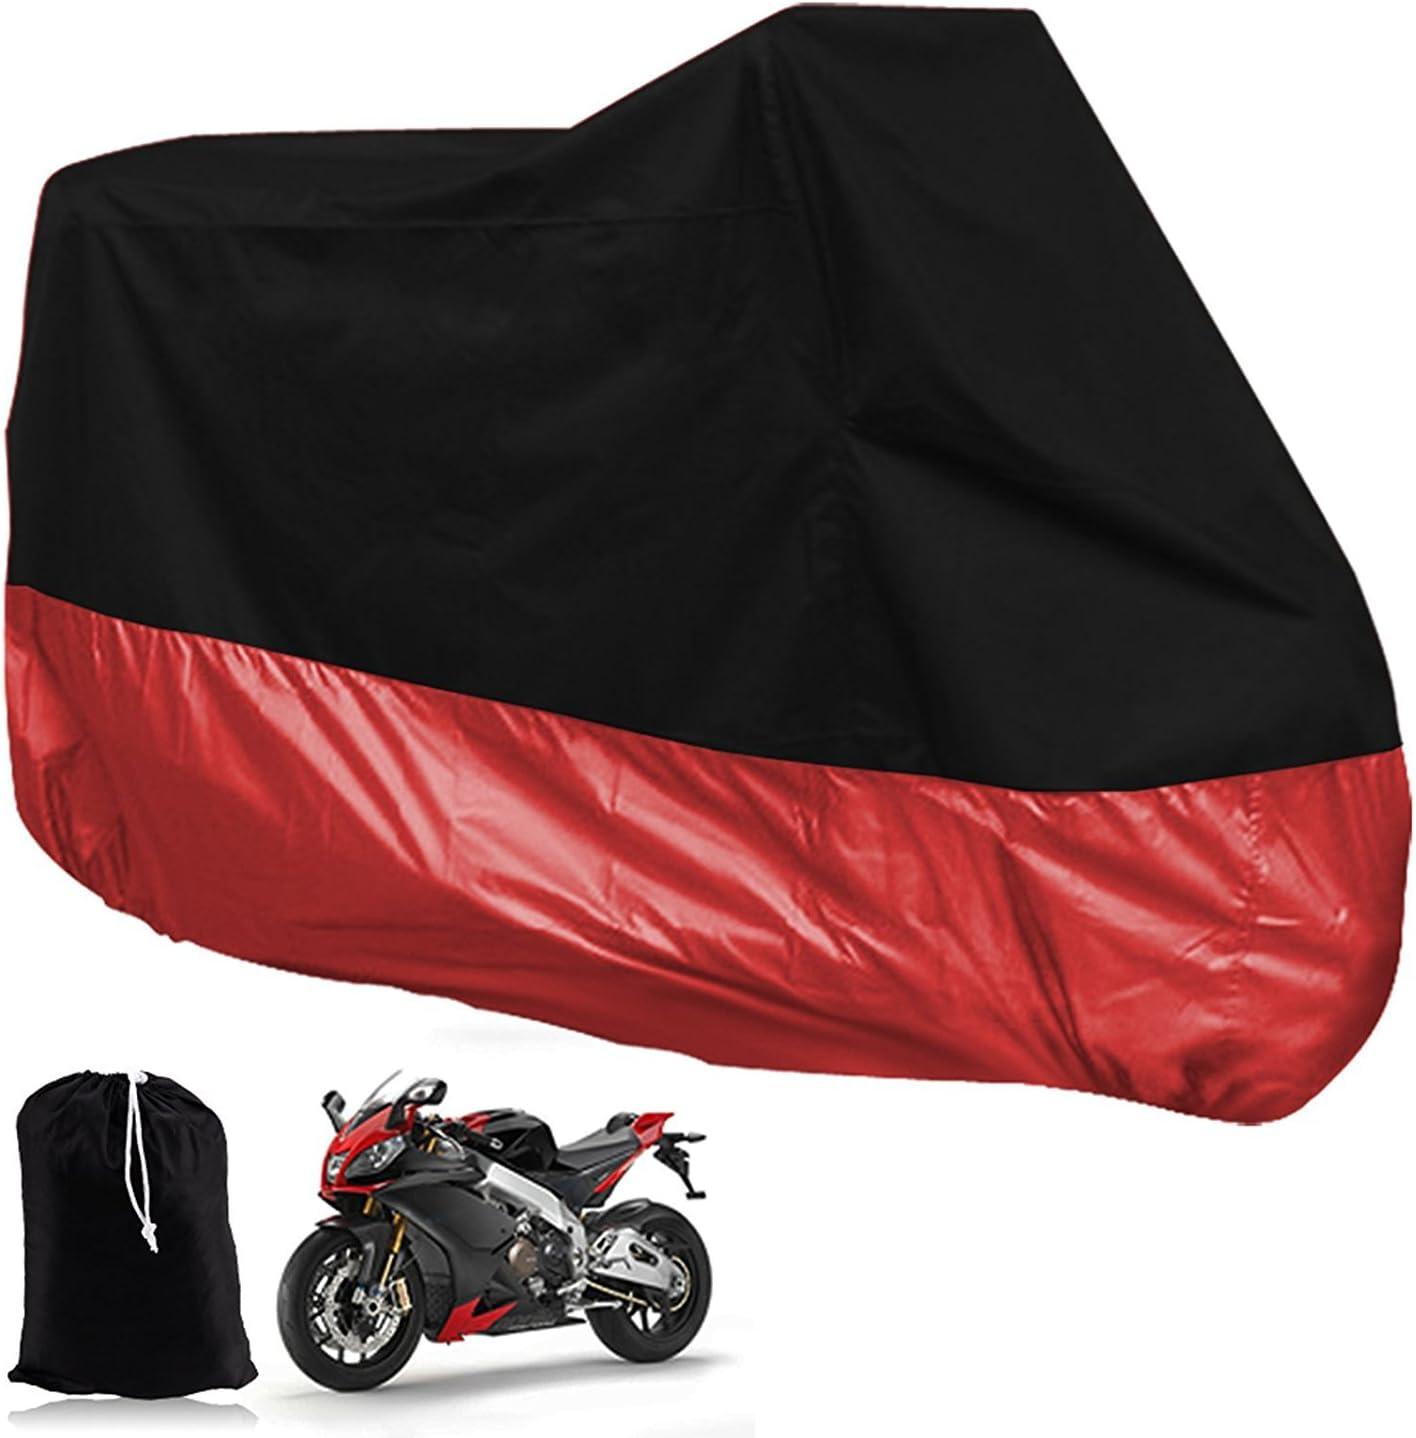 Lanxi wasserdichte Abdeckung f/ür Motorrad//Motorrad Schwarz Rot